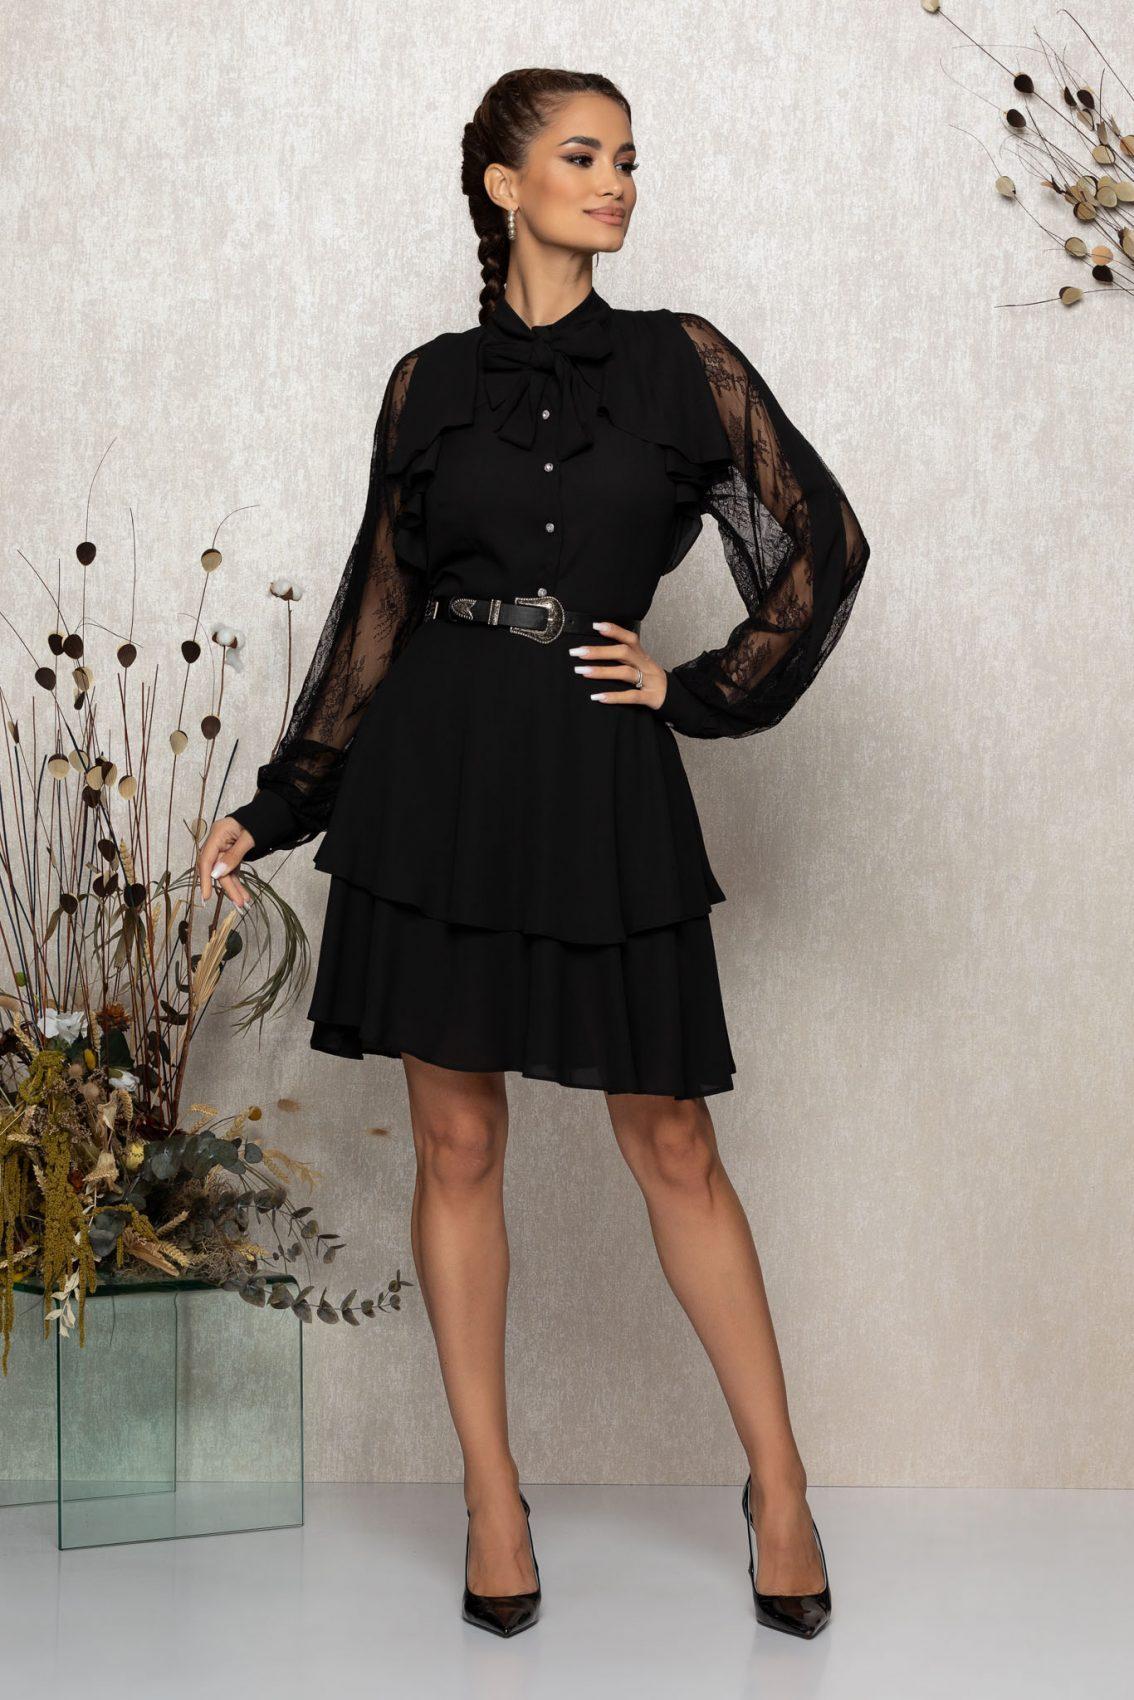 Μαύρο Βραδινό Φόρεμα Με Δαντέλα Senna T343 1